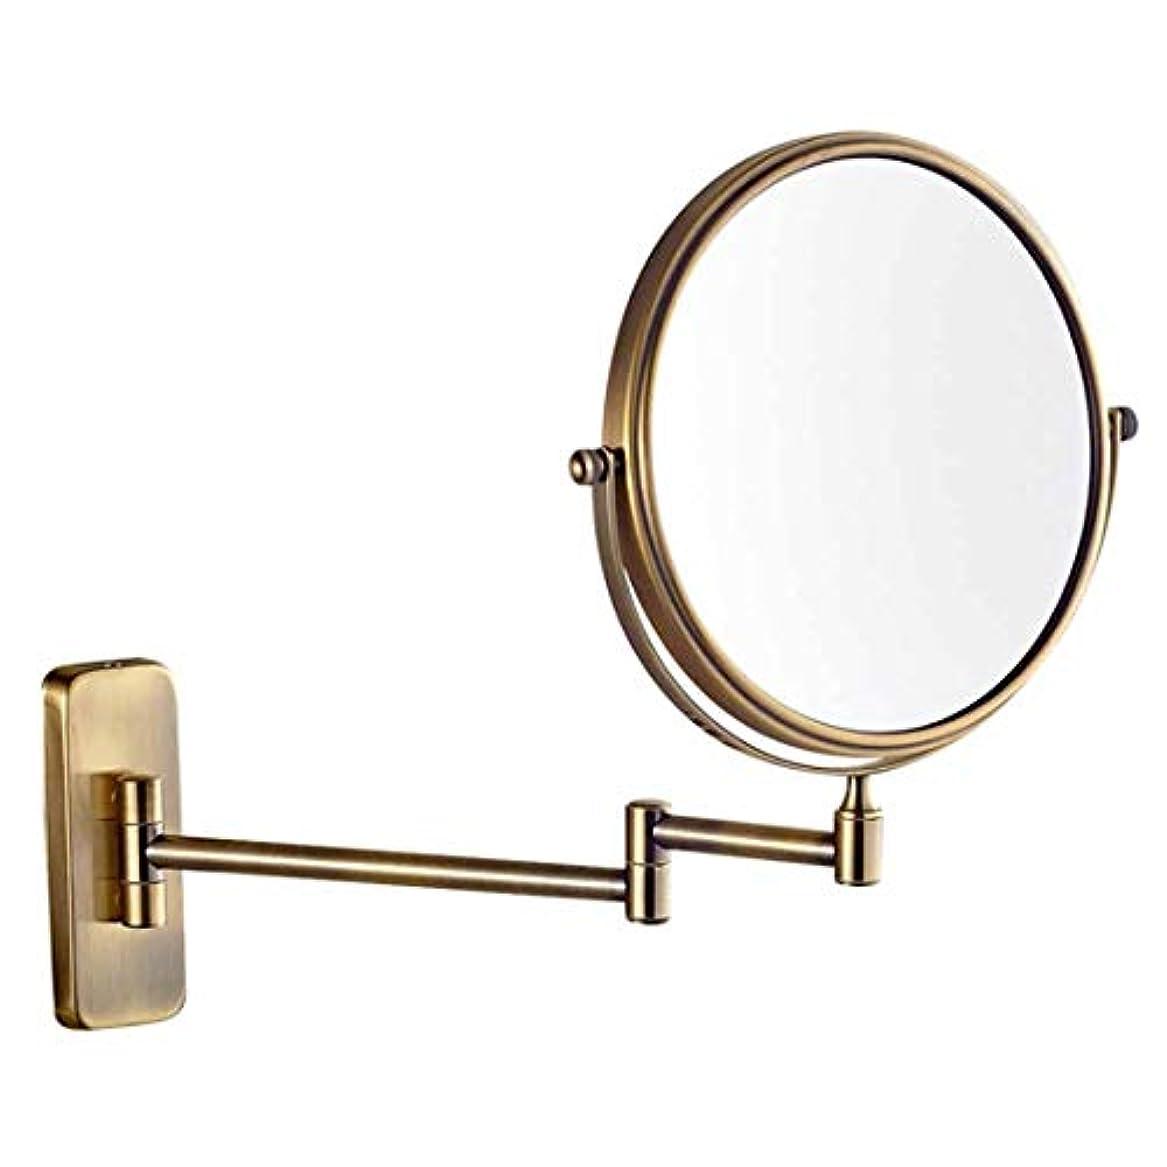 借りる息切れ驚くべき3倍(5倍、7倍、10倍)拡大壁掛けバスルーム化粧鏡ミラー両面シェービング化粧鏡,5X,15cm